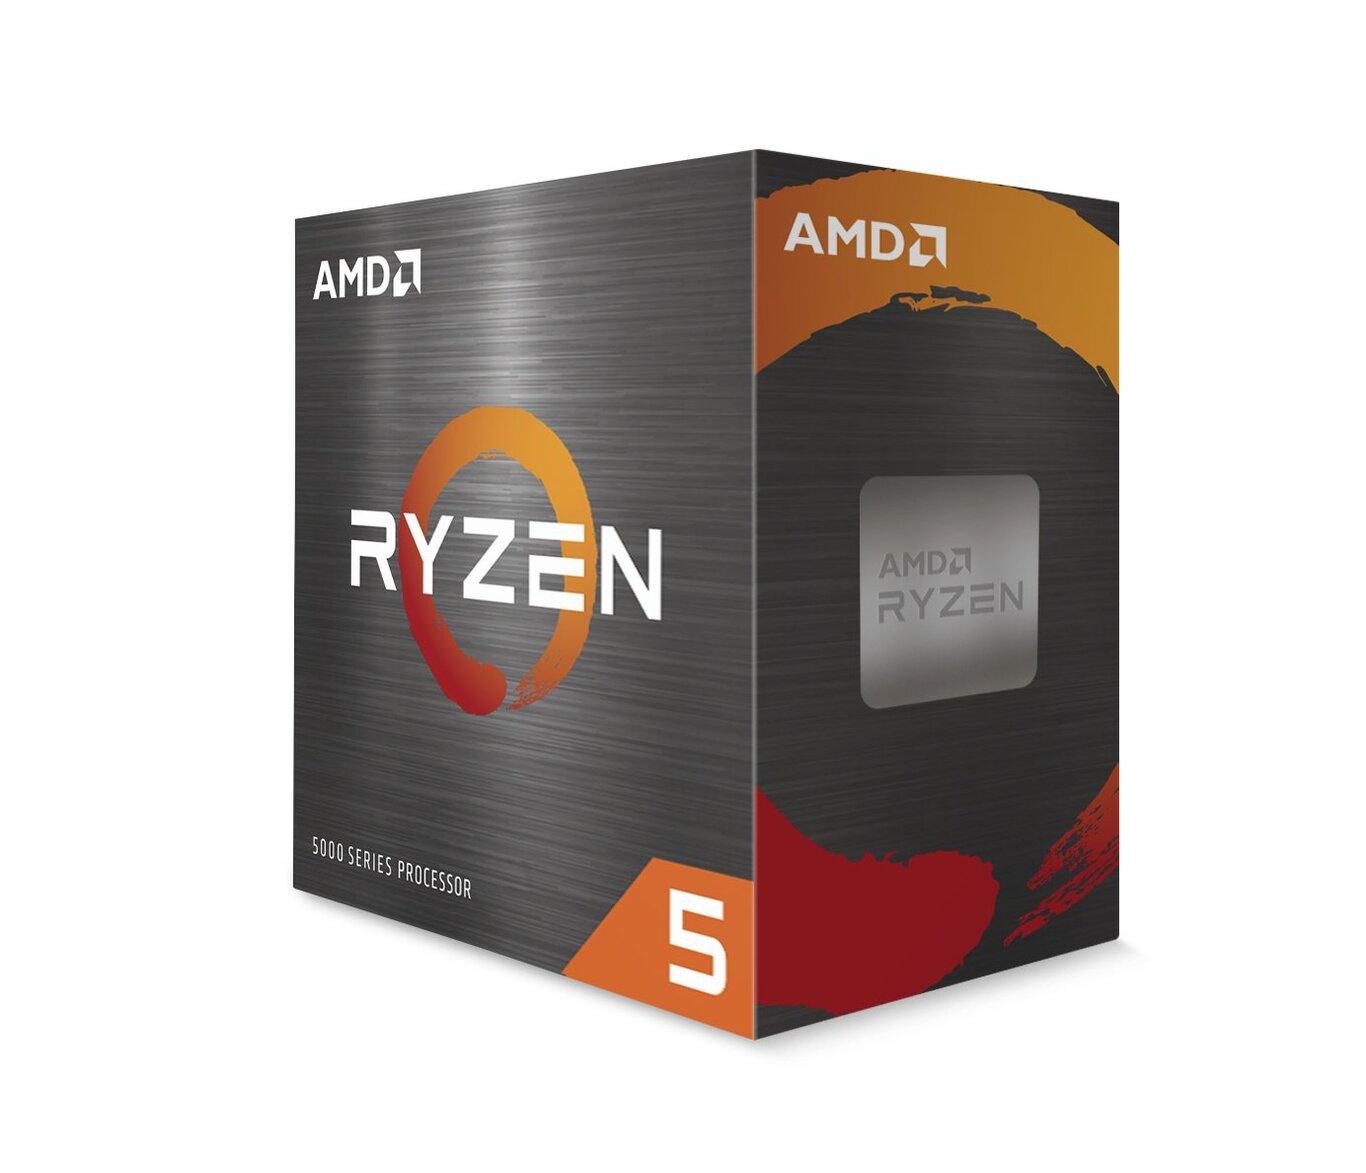 AMD Ryzen 5 zdjęcie produktowe